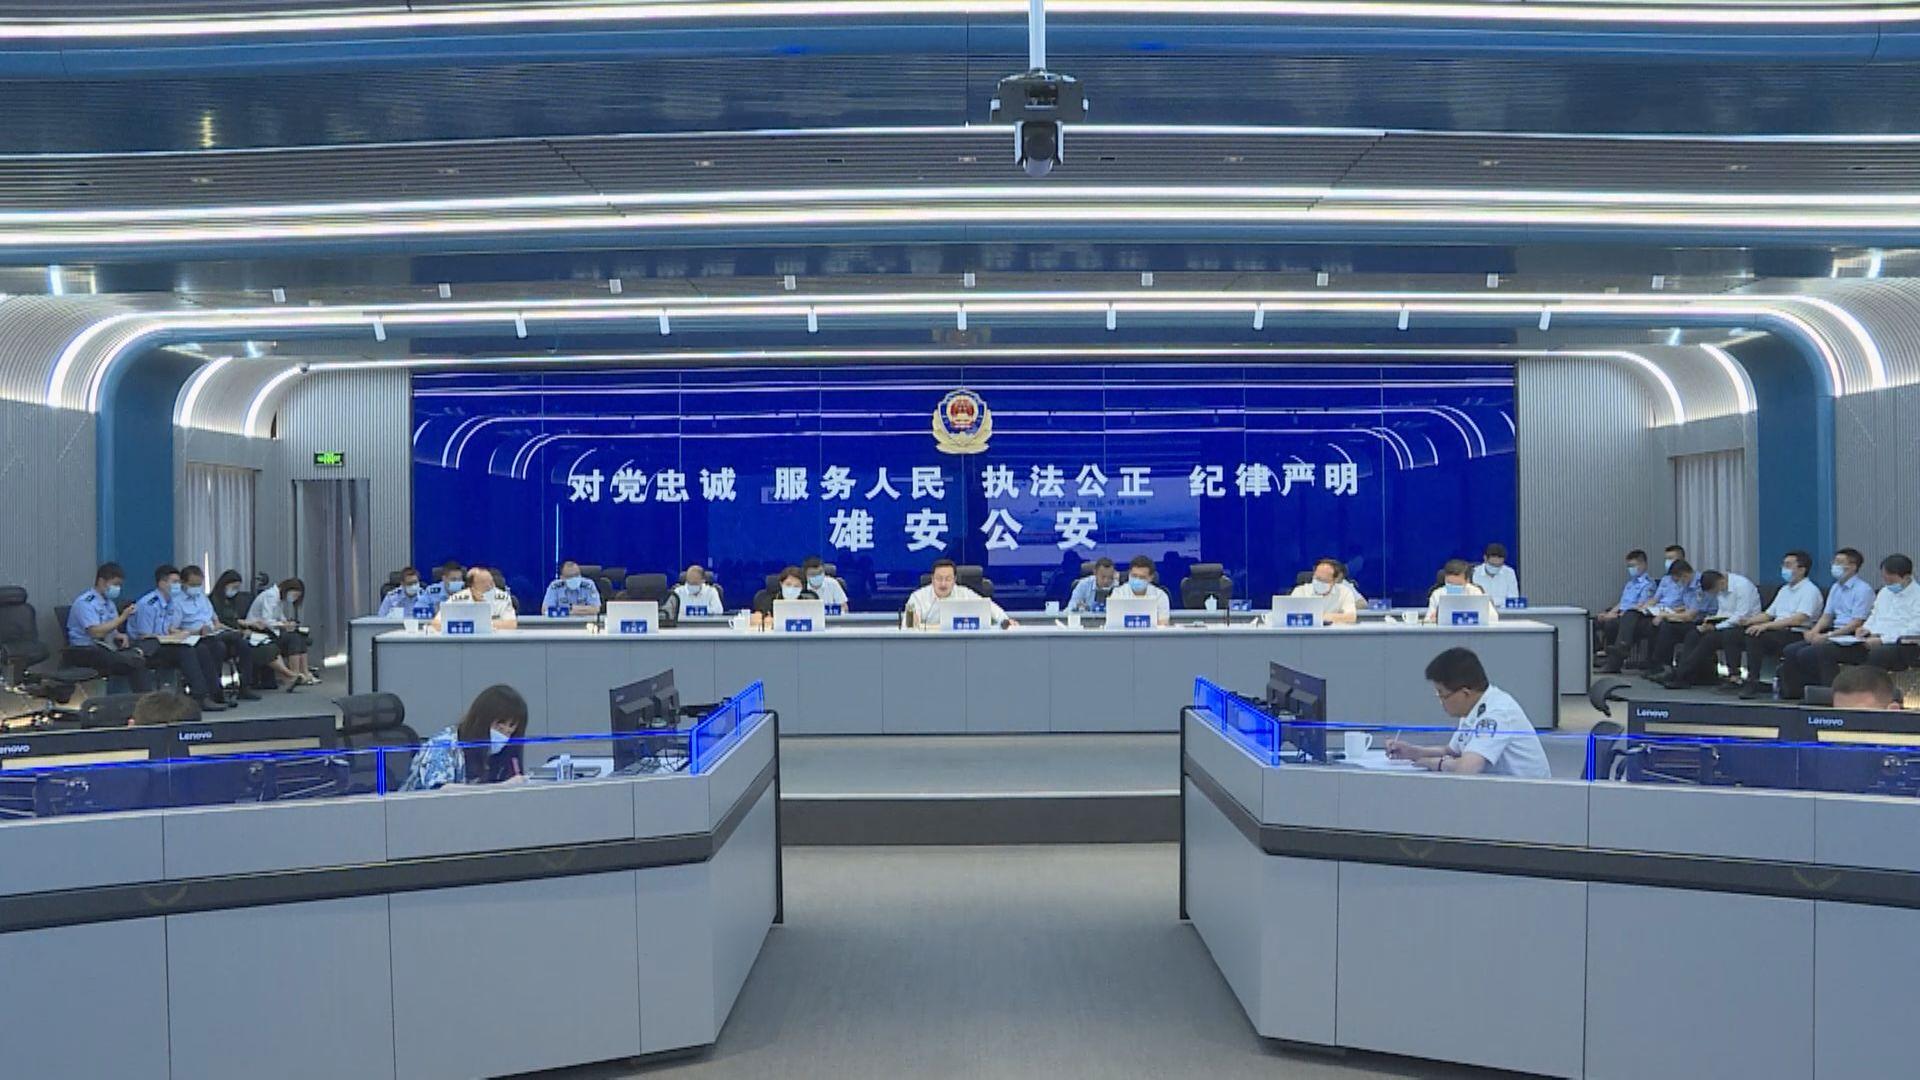 张国华调研新区智慧交通建设管理工作并主持召开座谈会